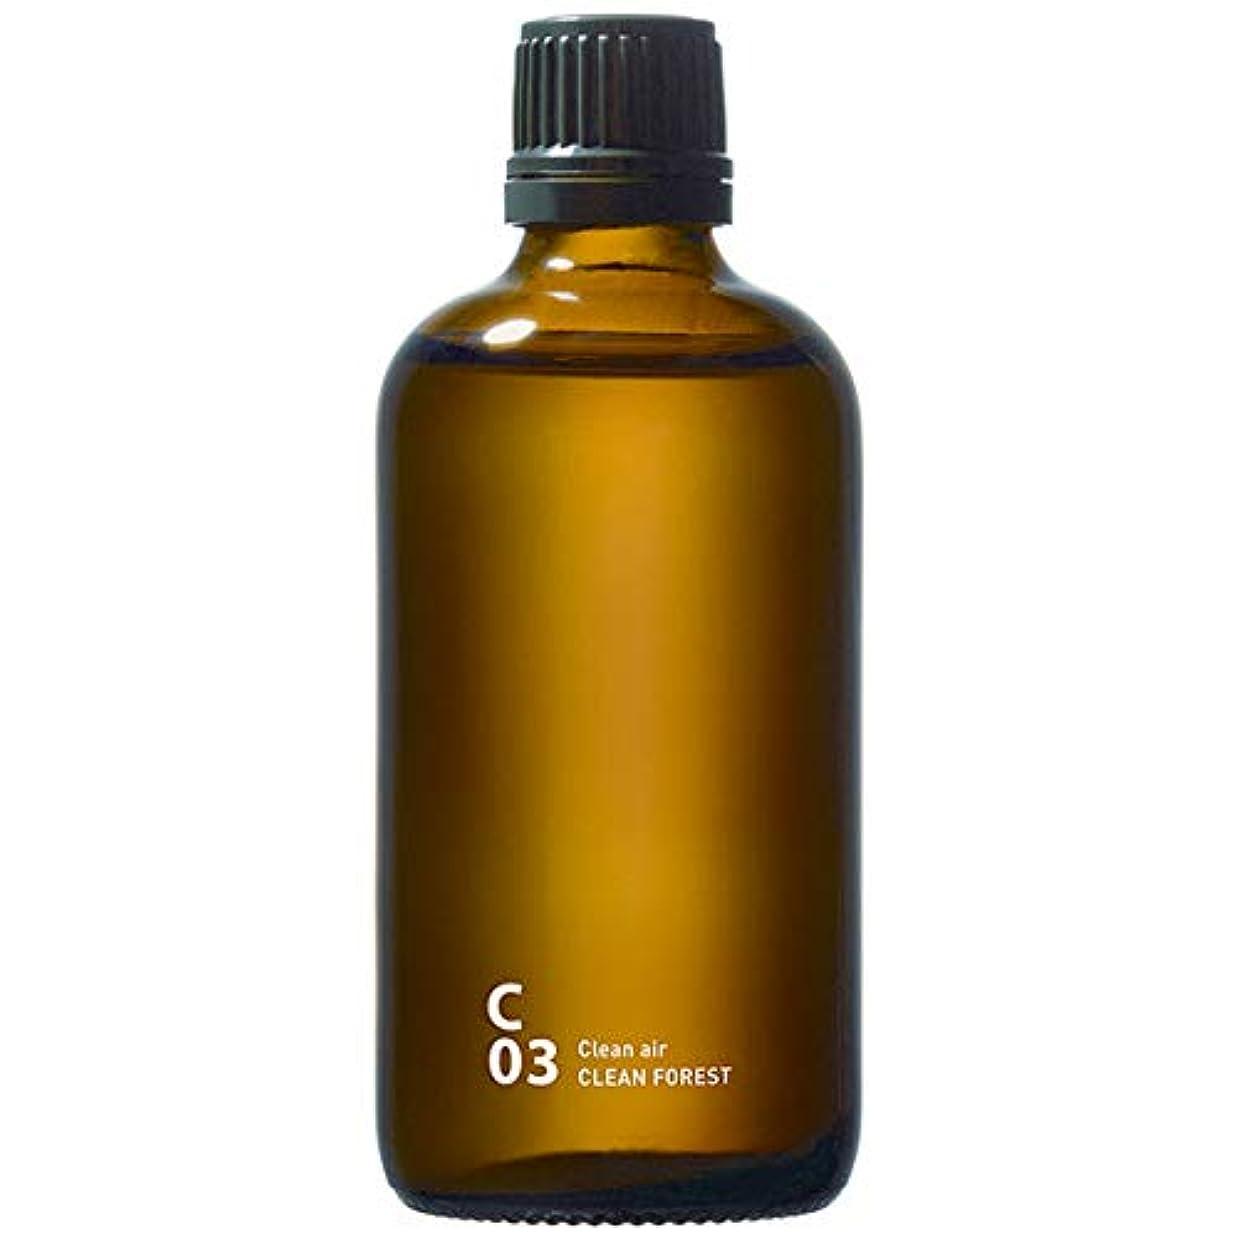 立法気怠い深くC03 CLEAN FOREST piezo aroma oil 100ml